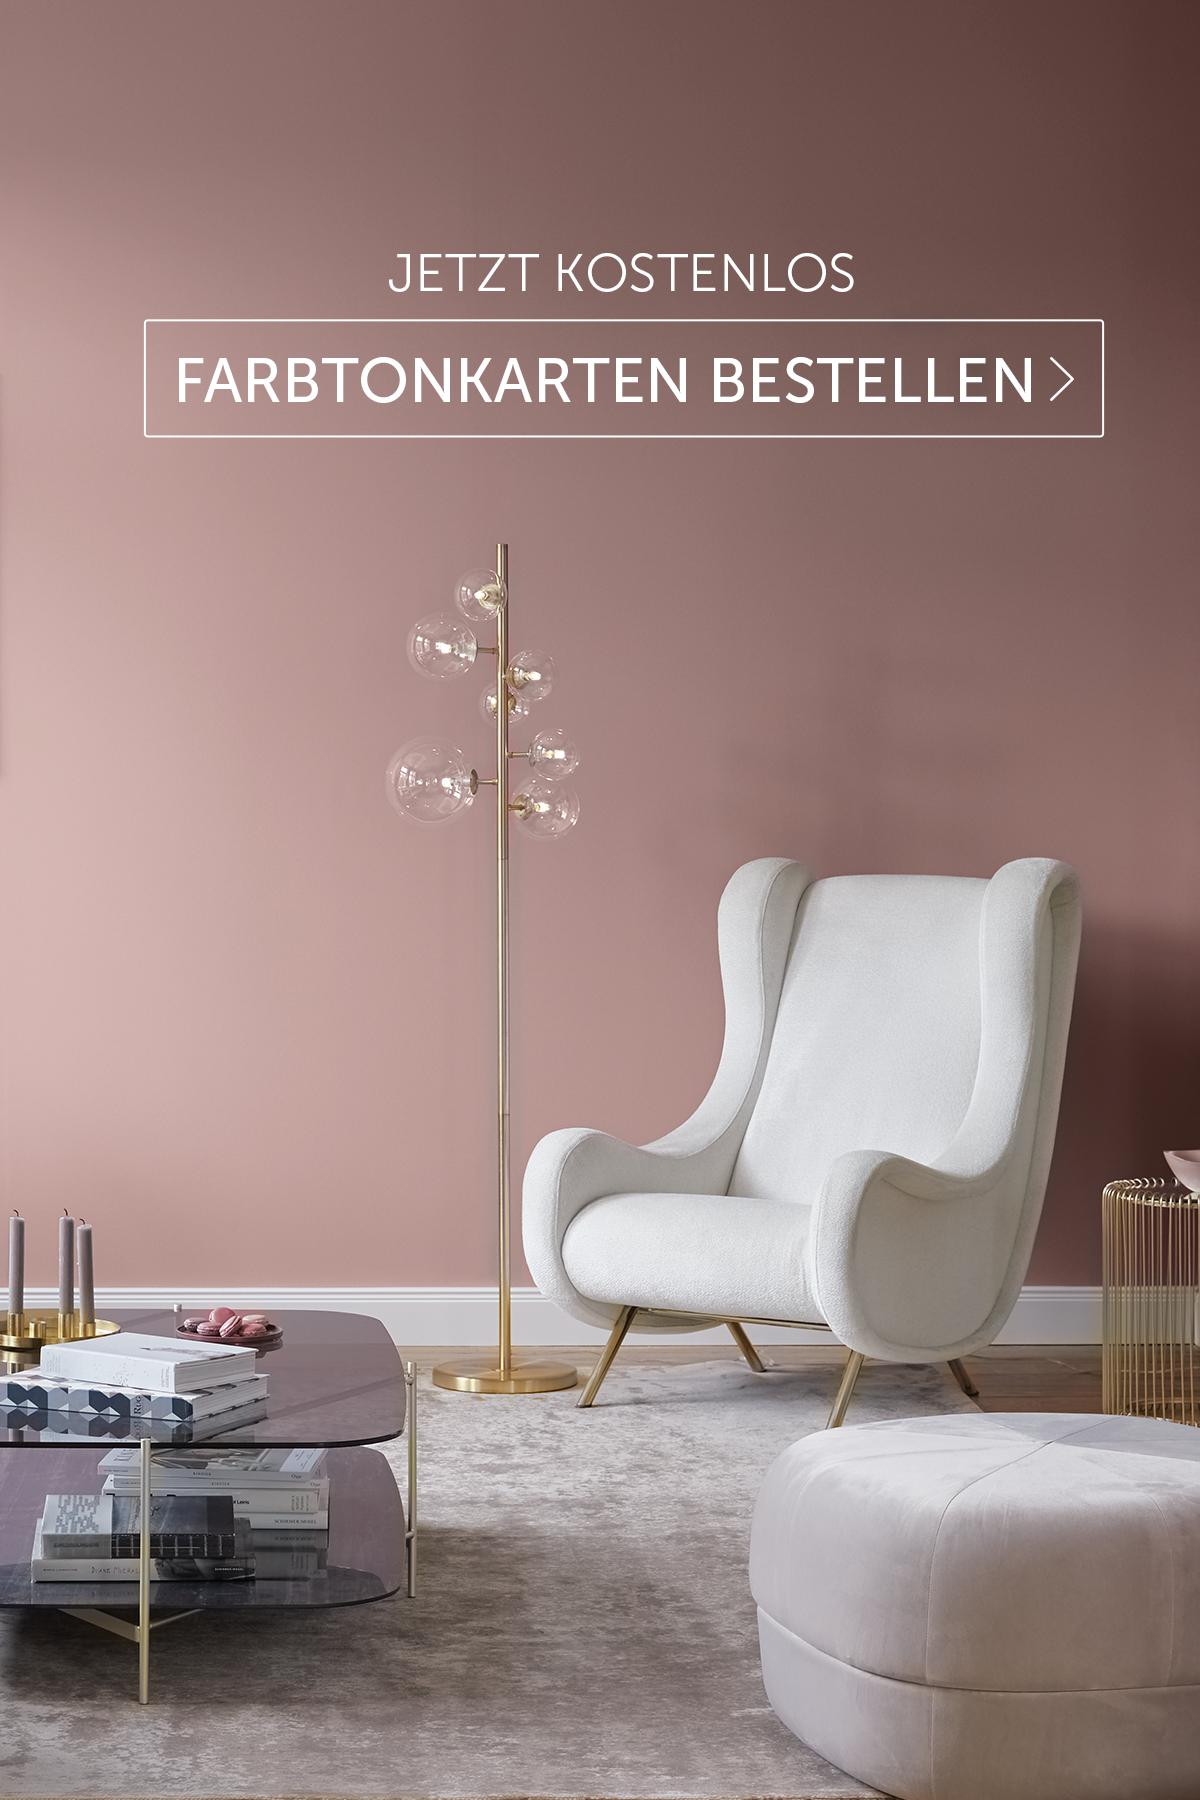 Was Farbtone Alles Konnen Wohnraumen Personlichkeit Verleihen Atmosphare Schaffen Anregen Oder Beruhigen Die Wirkung D Wandgestaltung Schoner Wohnen Farben